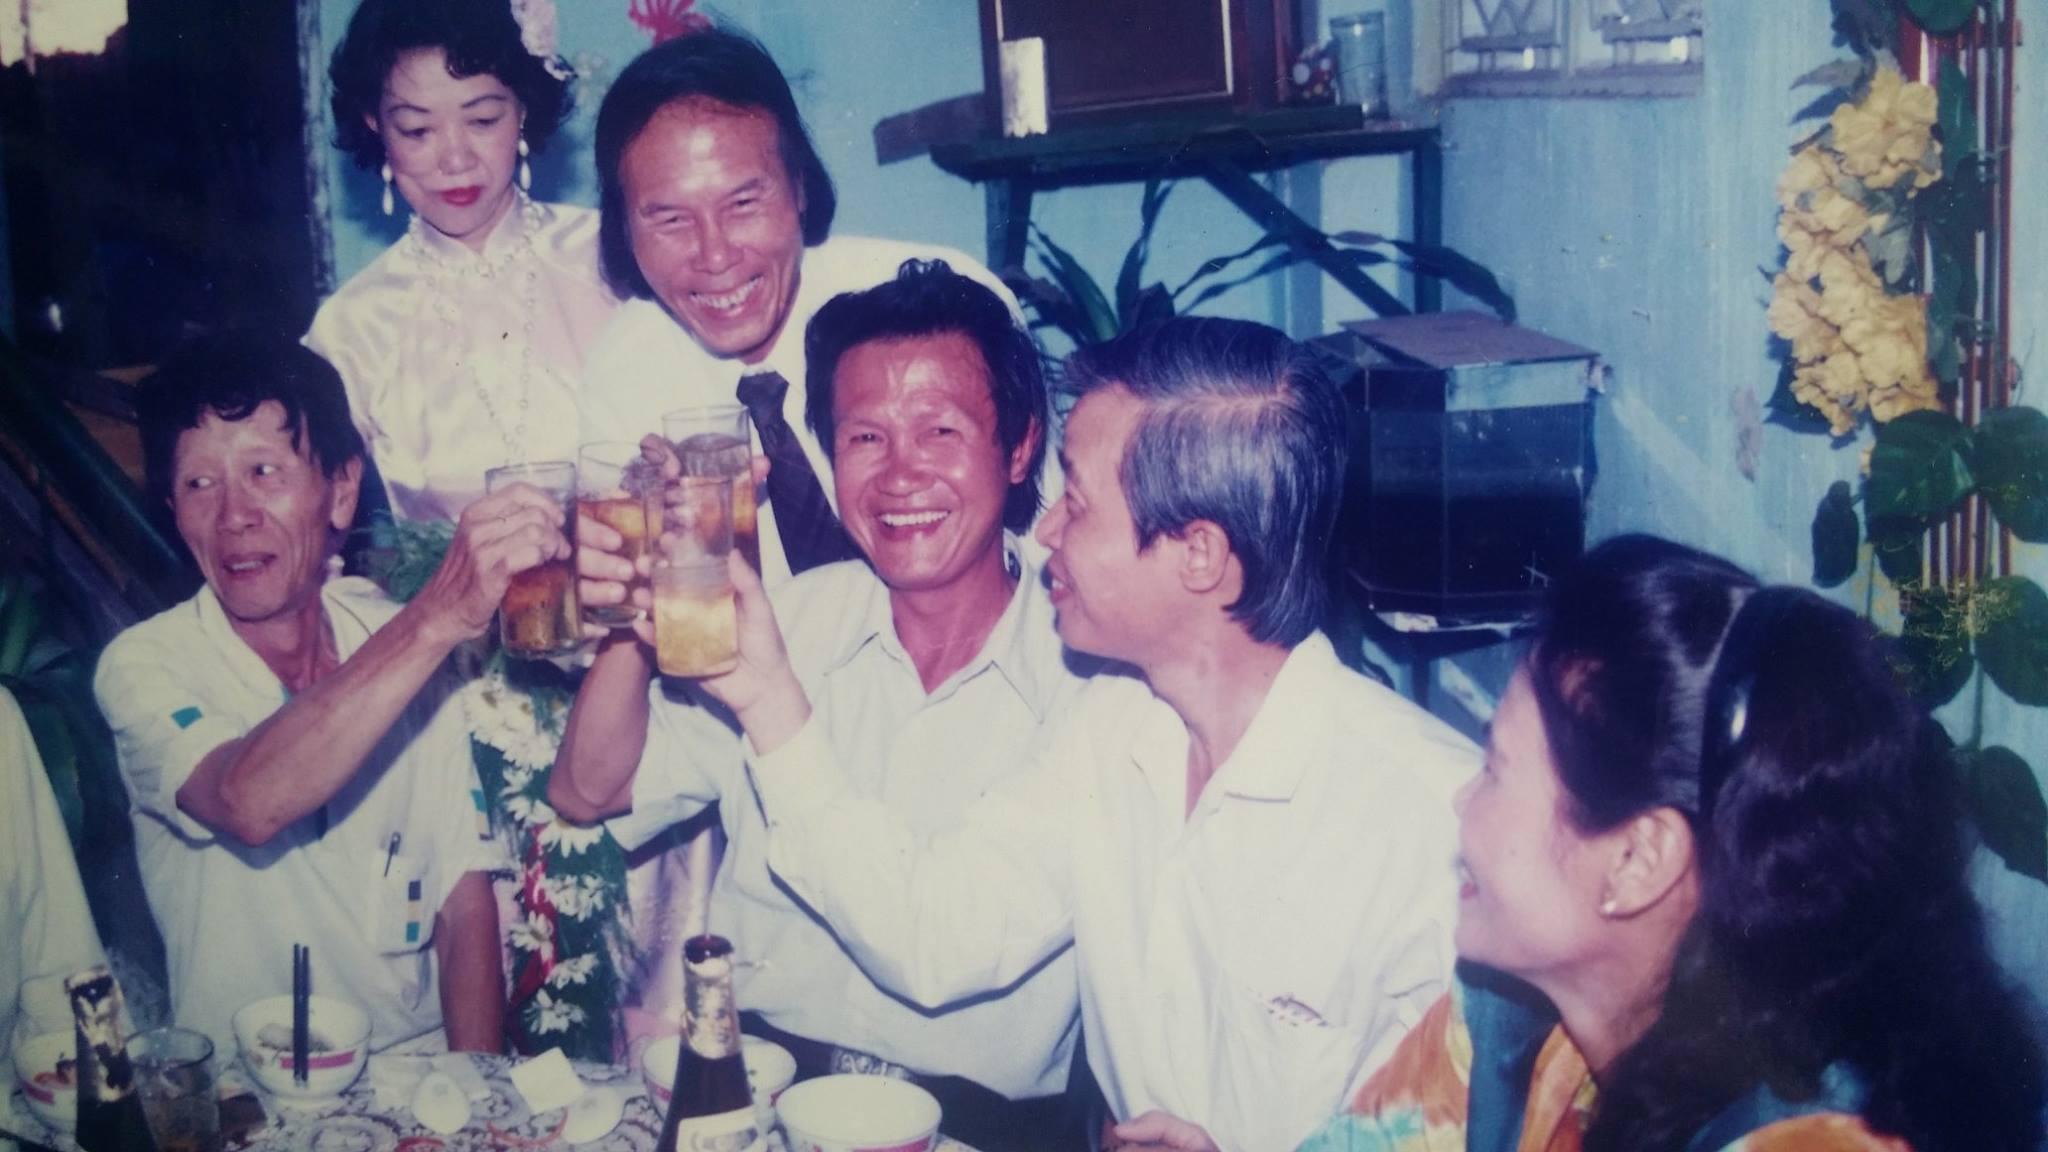 Trong một sự kiện của nhà thơ Thanh Tùng, với nhà văn Trần Hoài Dương, nhà văn Trần Đồng Minh. Ảnh của nhà văn Phạm Đình Trọng.